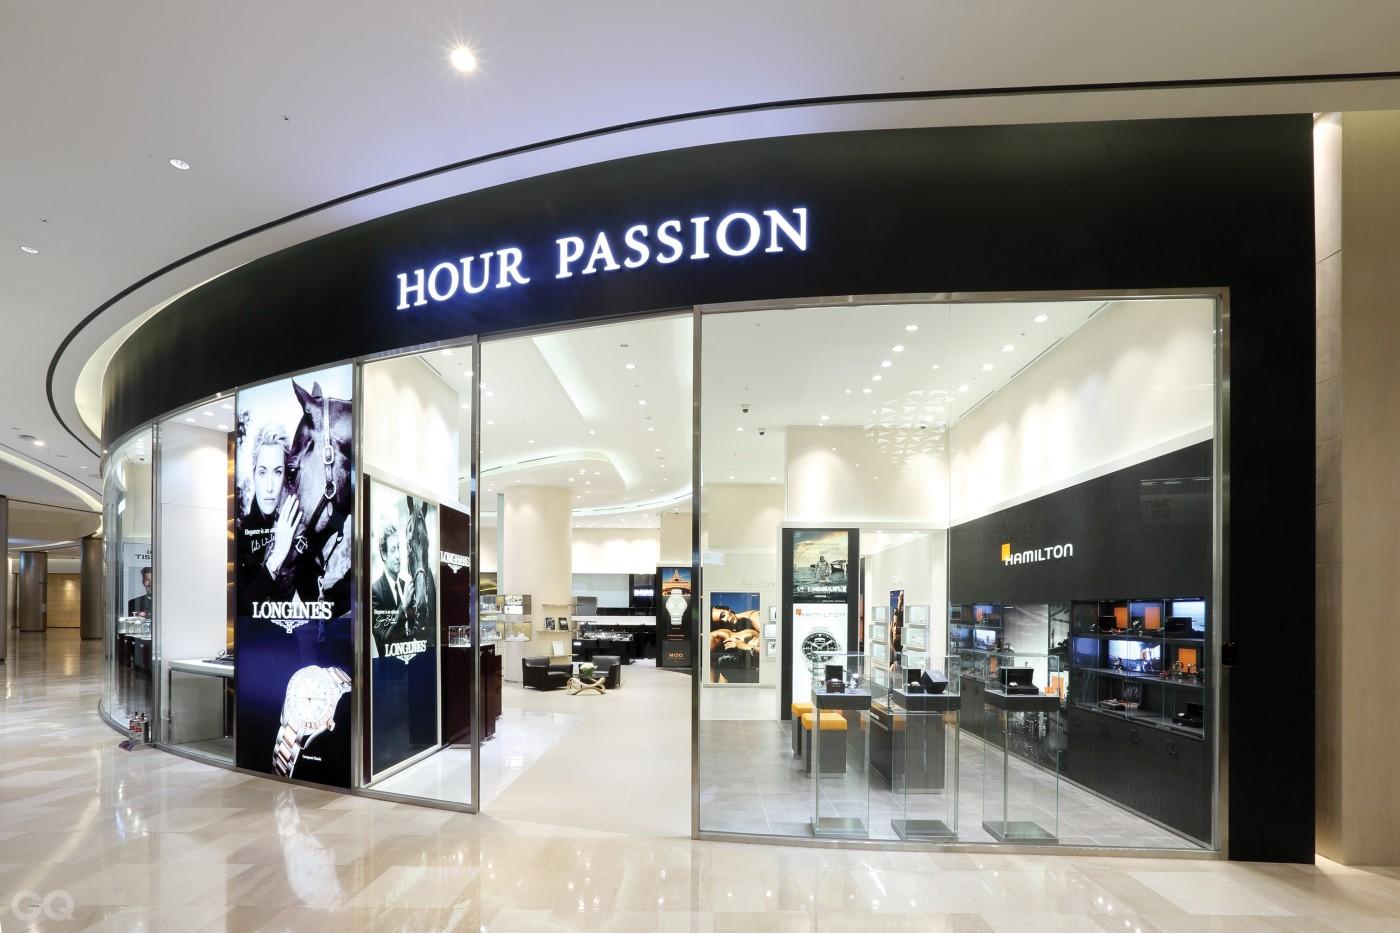 hour pass